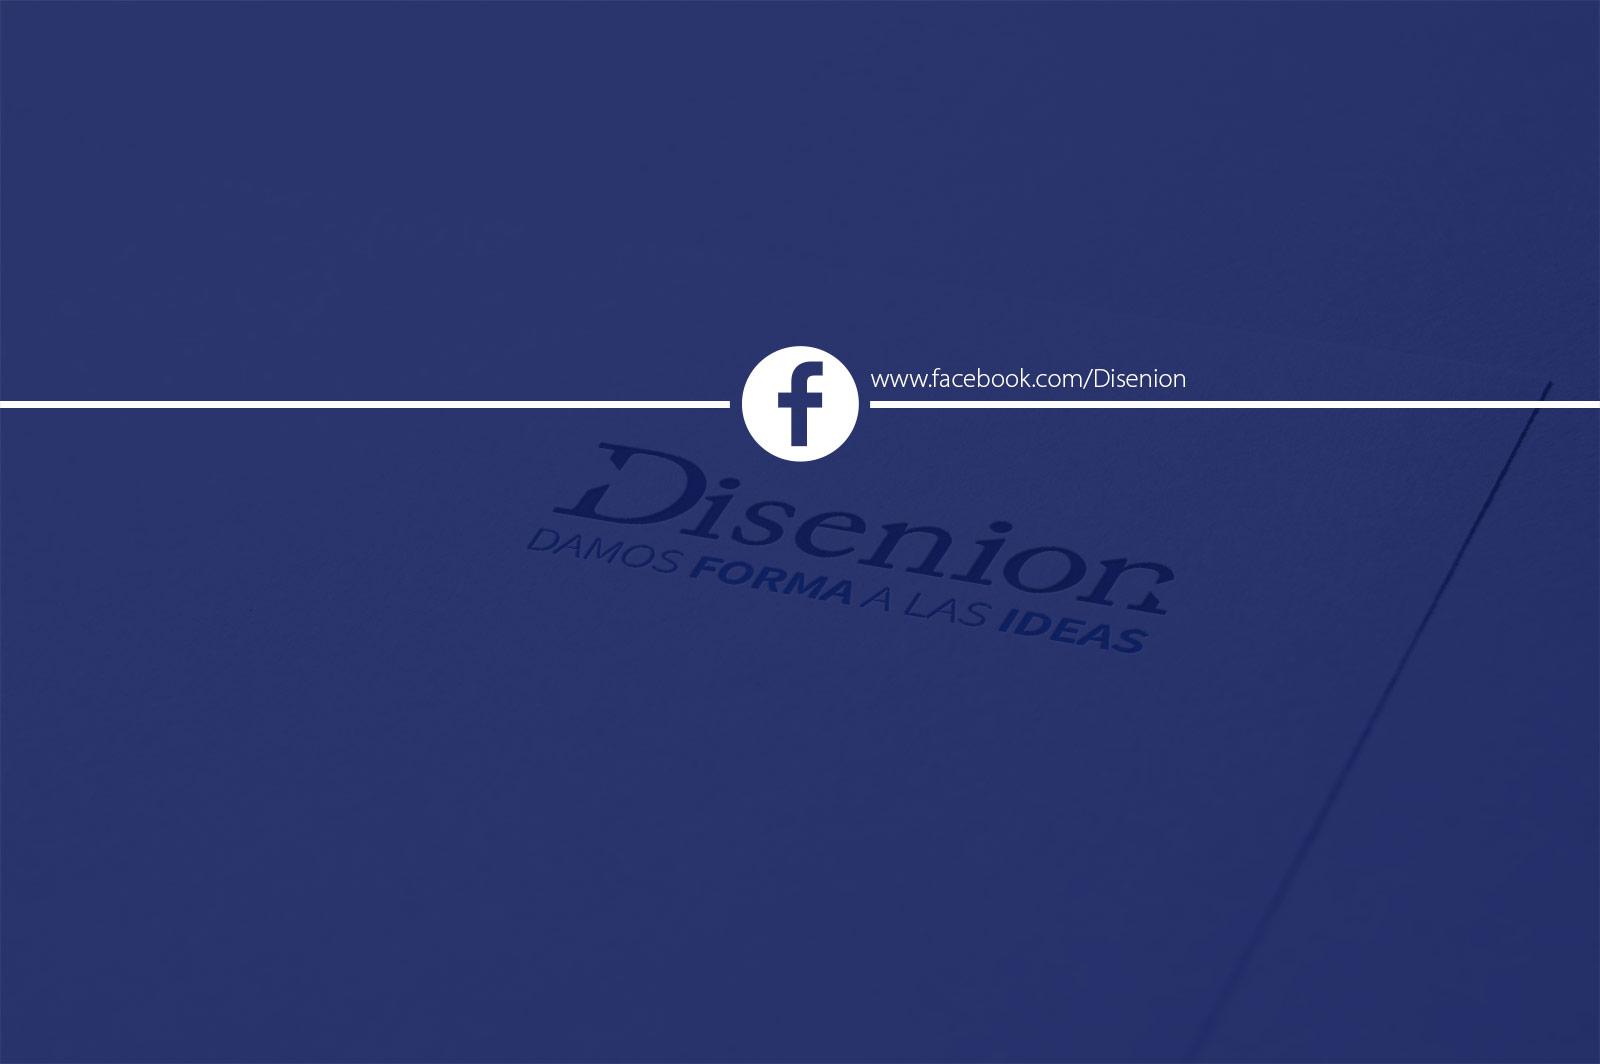 Logo-Disenion-Facebook